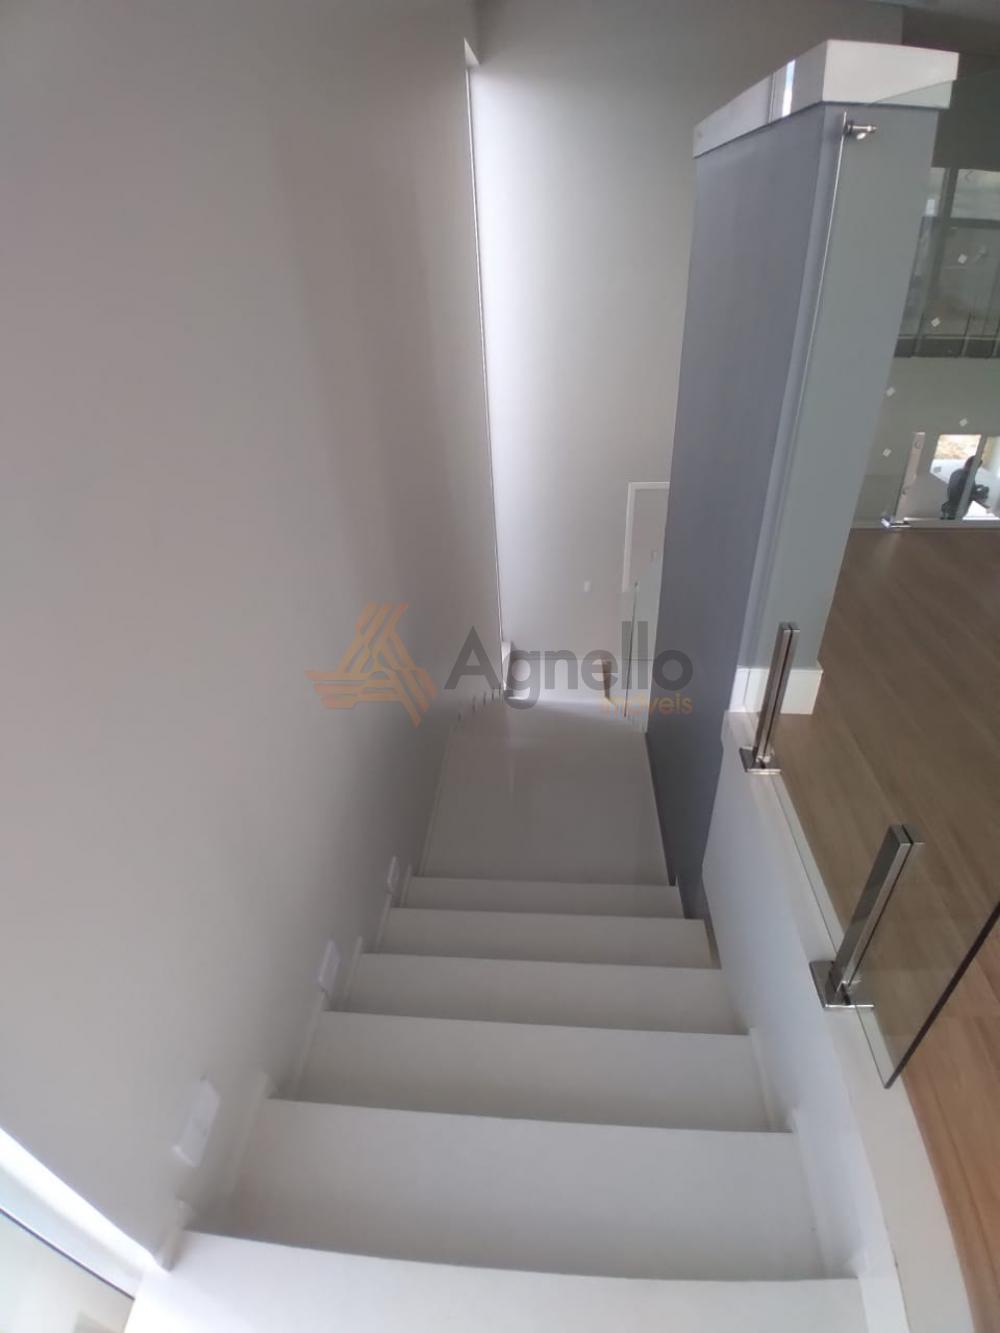 Comprar Casa / Condomínio em Franca apenas R$ 1.850.000,00 - Foto 12